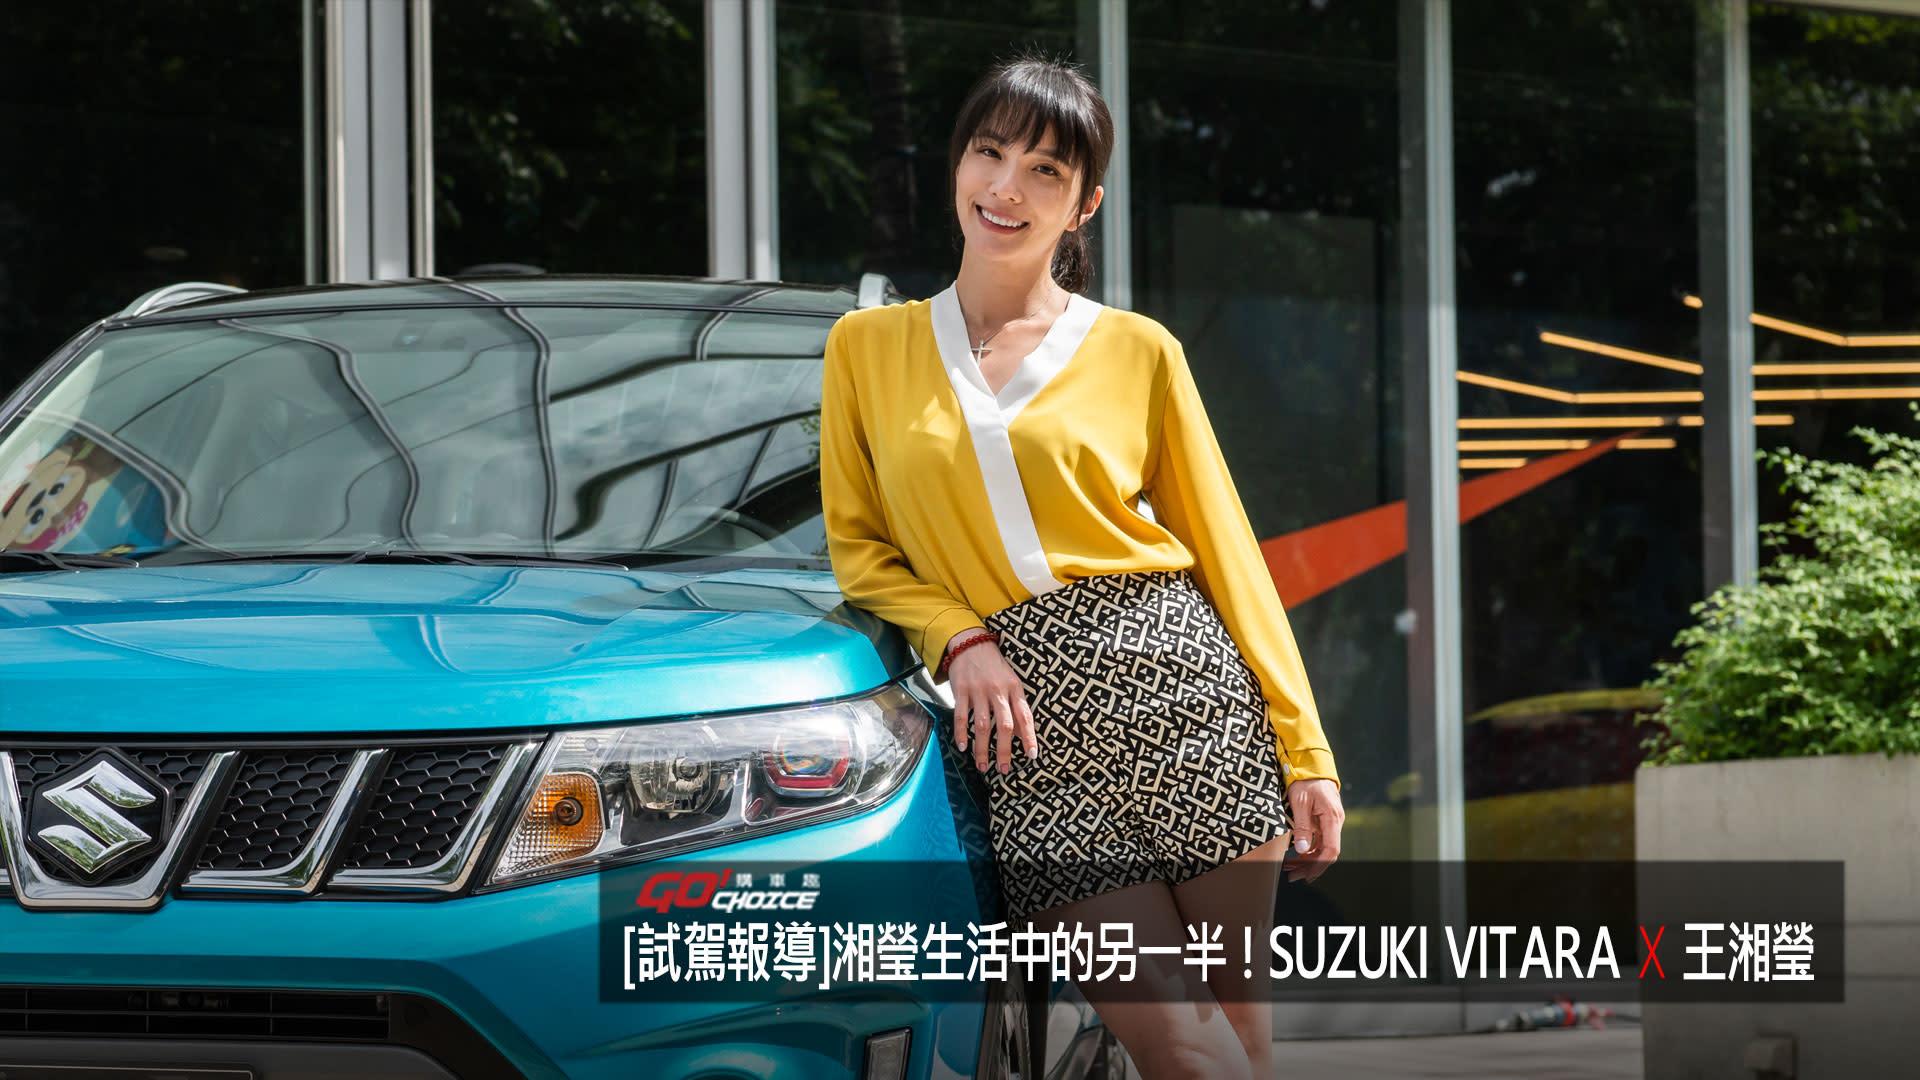 [開好車‧賞好宅]SUZUKI VITARA X 星葉設計 X 王湘瑩(上)試駕篇_生活中的另一半